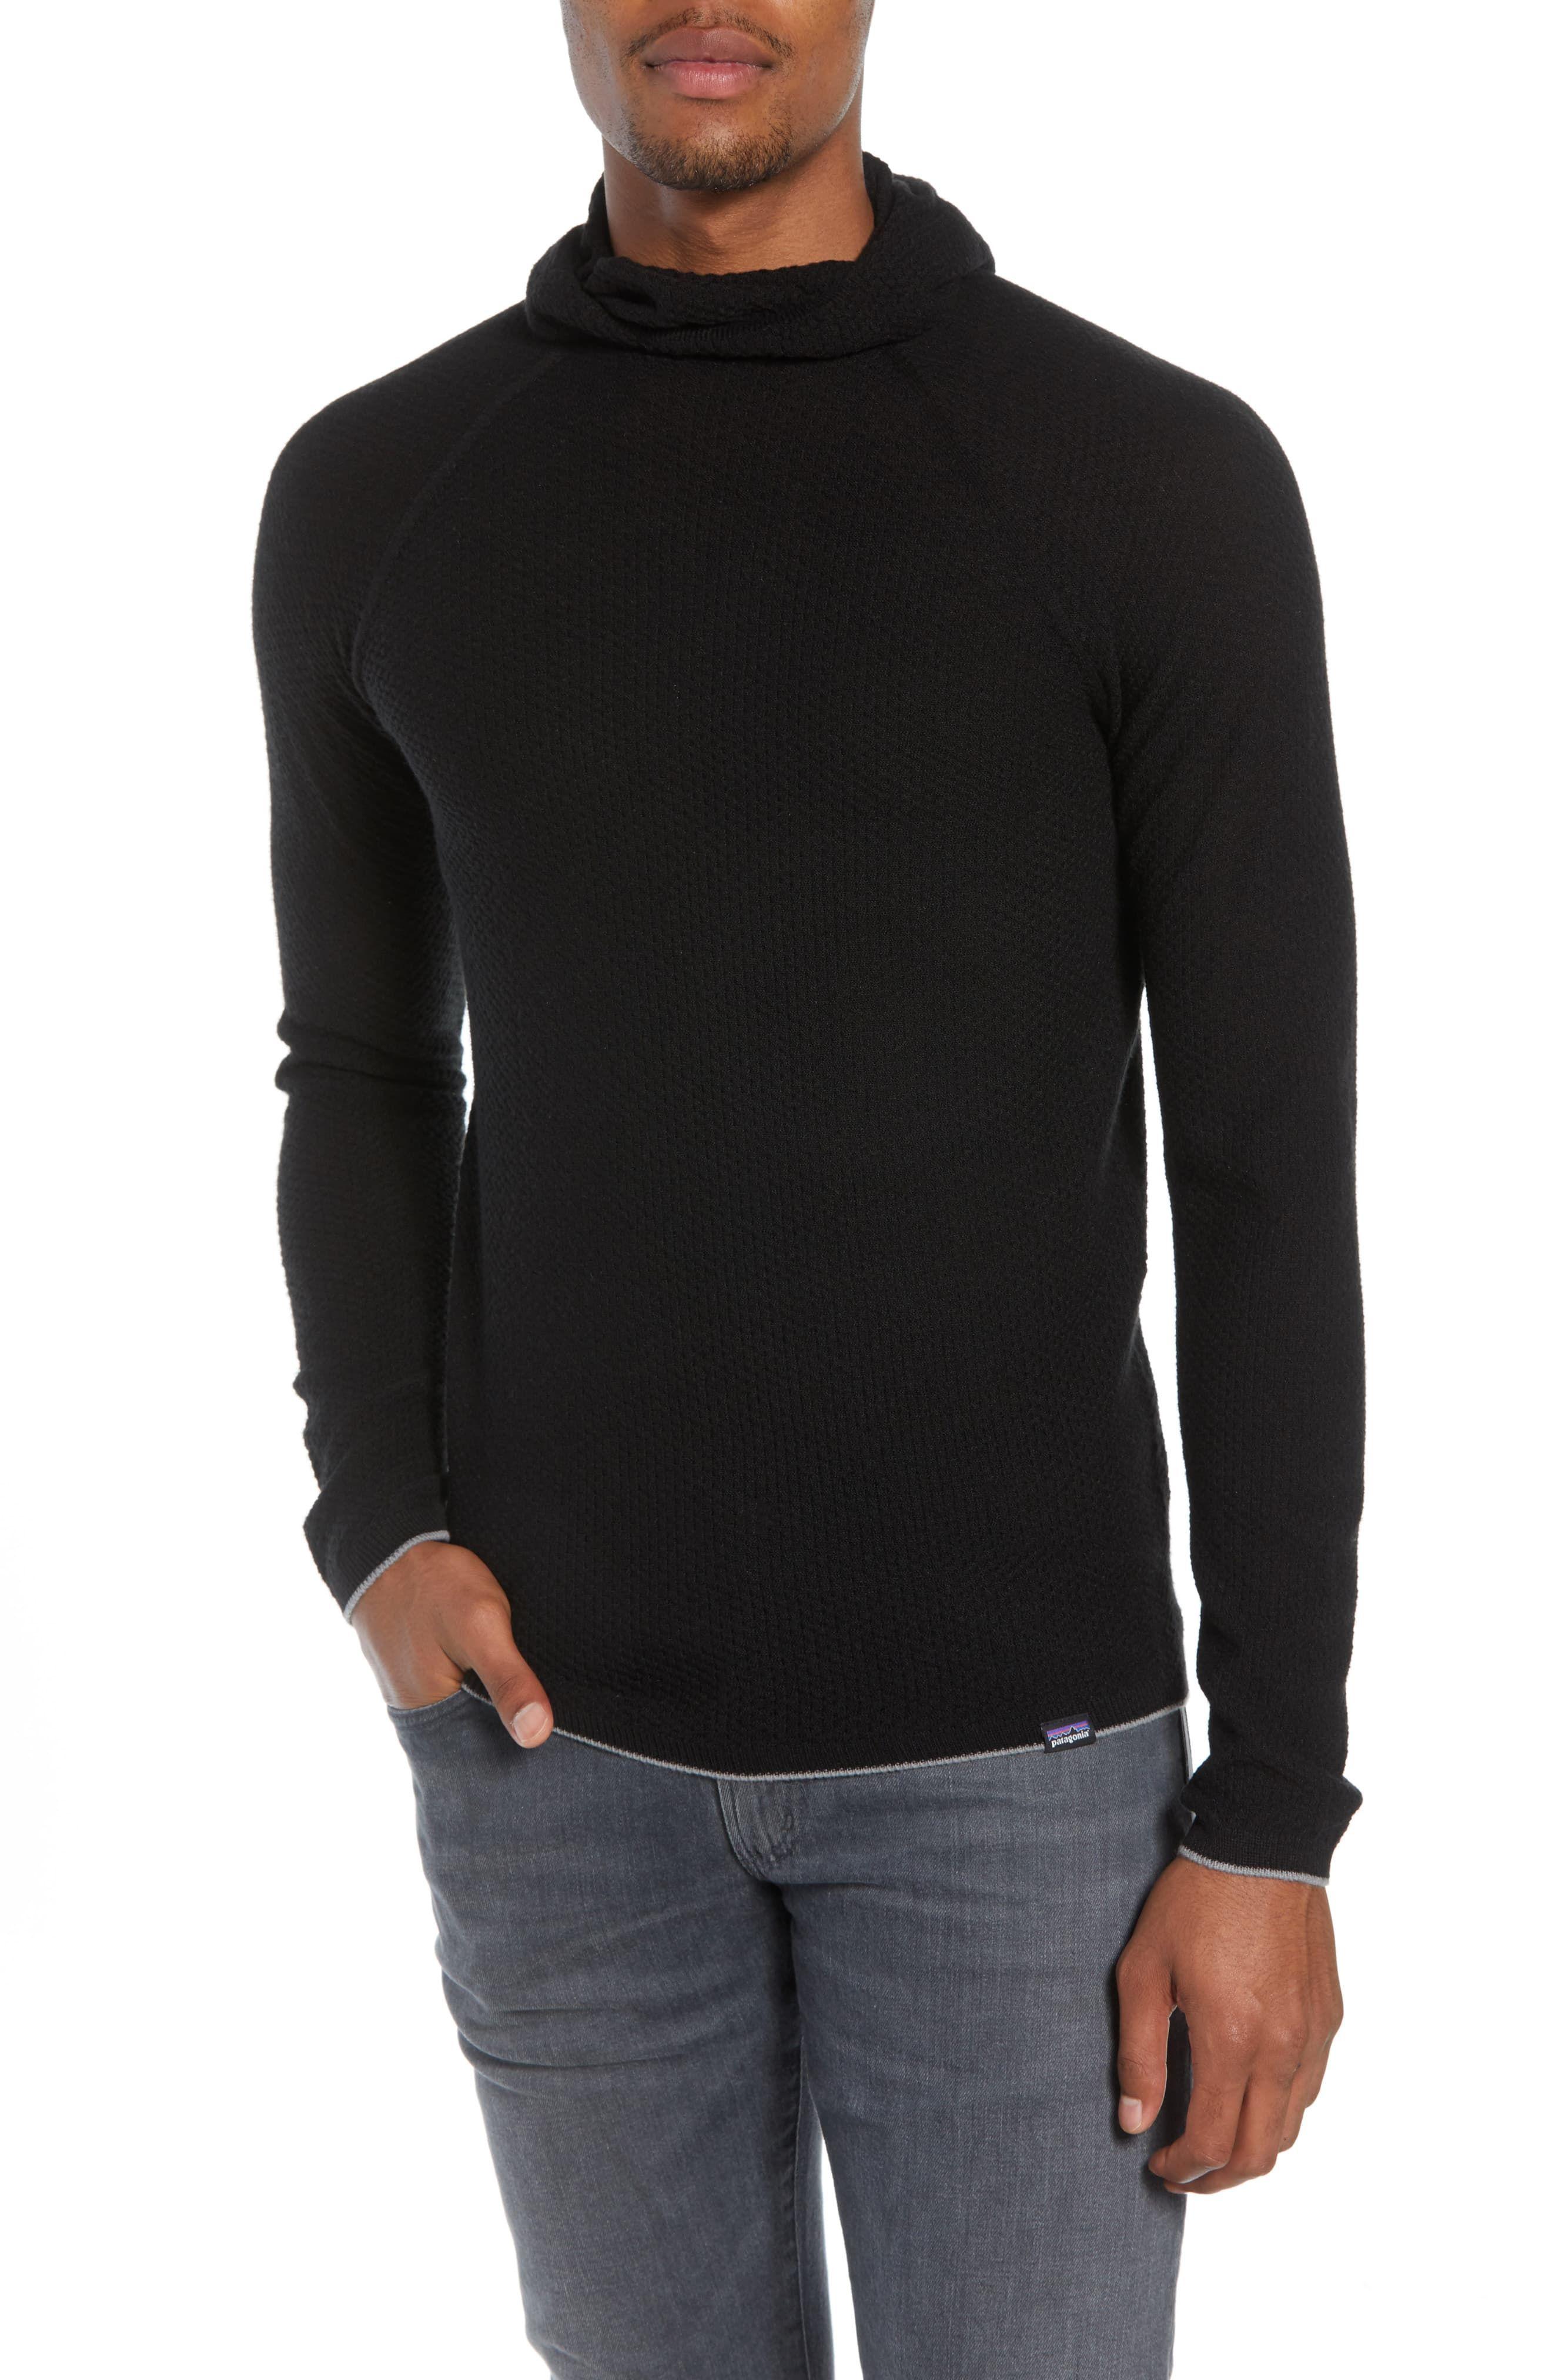 Patagonia Capilene® Air Hoodie Mens clothing styles